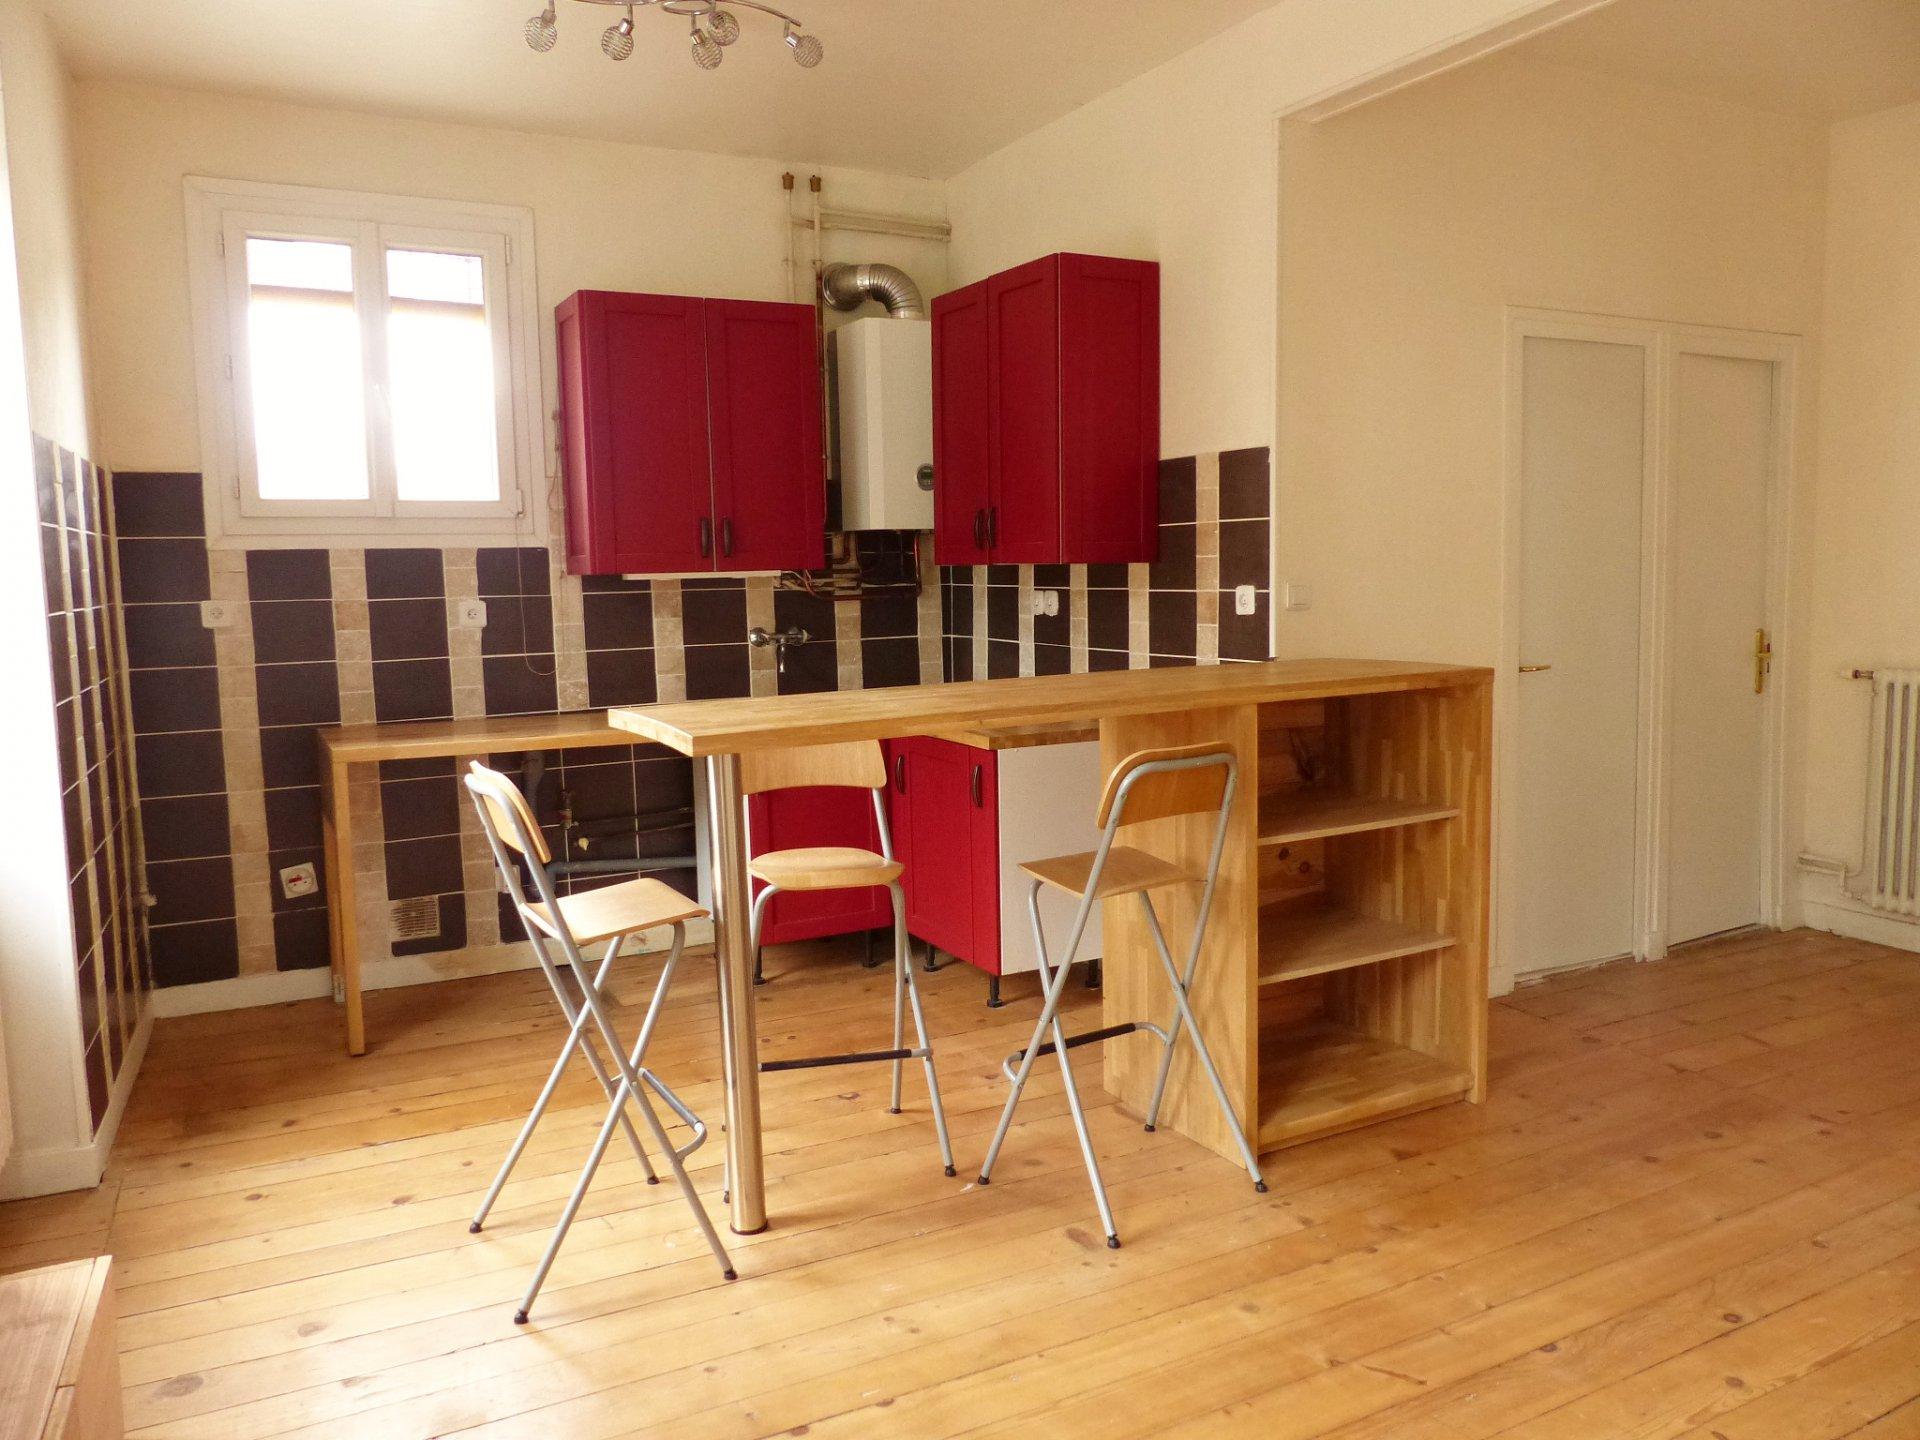 Cet appartement parfaitement agencé et sans perte de place, dispose d'un séjour ouvert sur une cuisine aménagée ainsi que de deux chambres de 15.4 m2 et 12.75 m2.  Un bar séparant la cuisine du salon a été créé par un ébéniste et les huisseries sont en double vitrage. Chaudière changée en 2016, salle d'eau rénovée, parquets d'origines préservés.  Cet appartement dispose d'une cave de 6 m2 et des stationnements gratuits se trouvent à proximité. Bien soumis au régime de la copropriété. 7 lots, faibles charges 22,50 euros/mois. Honoraires à charge du vendeur